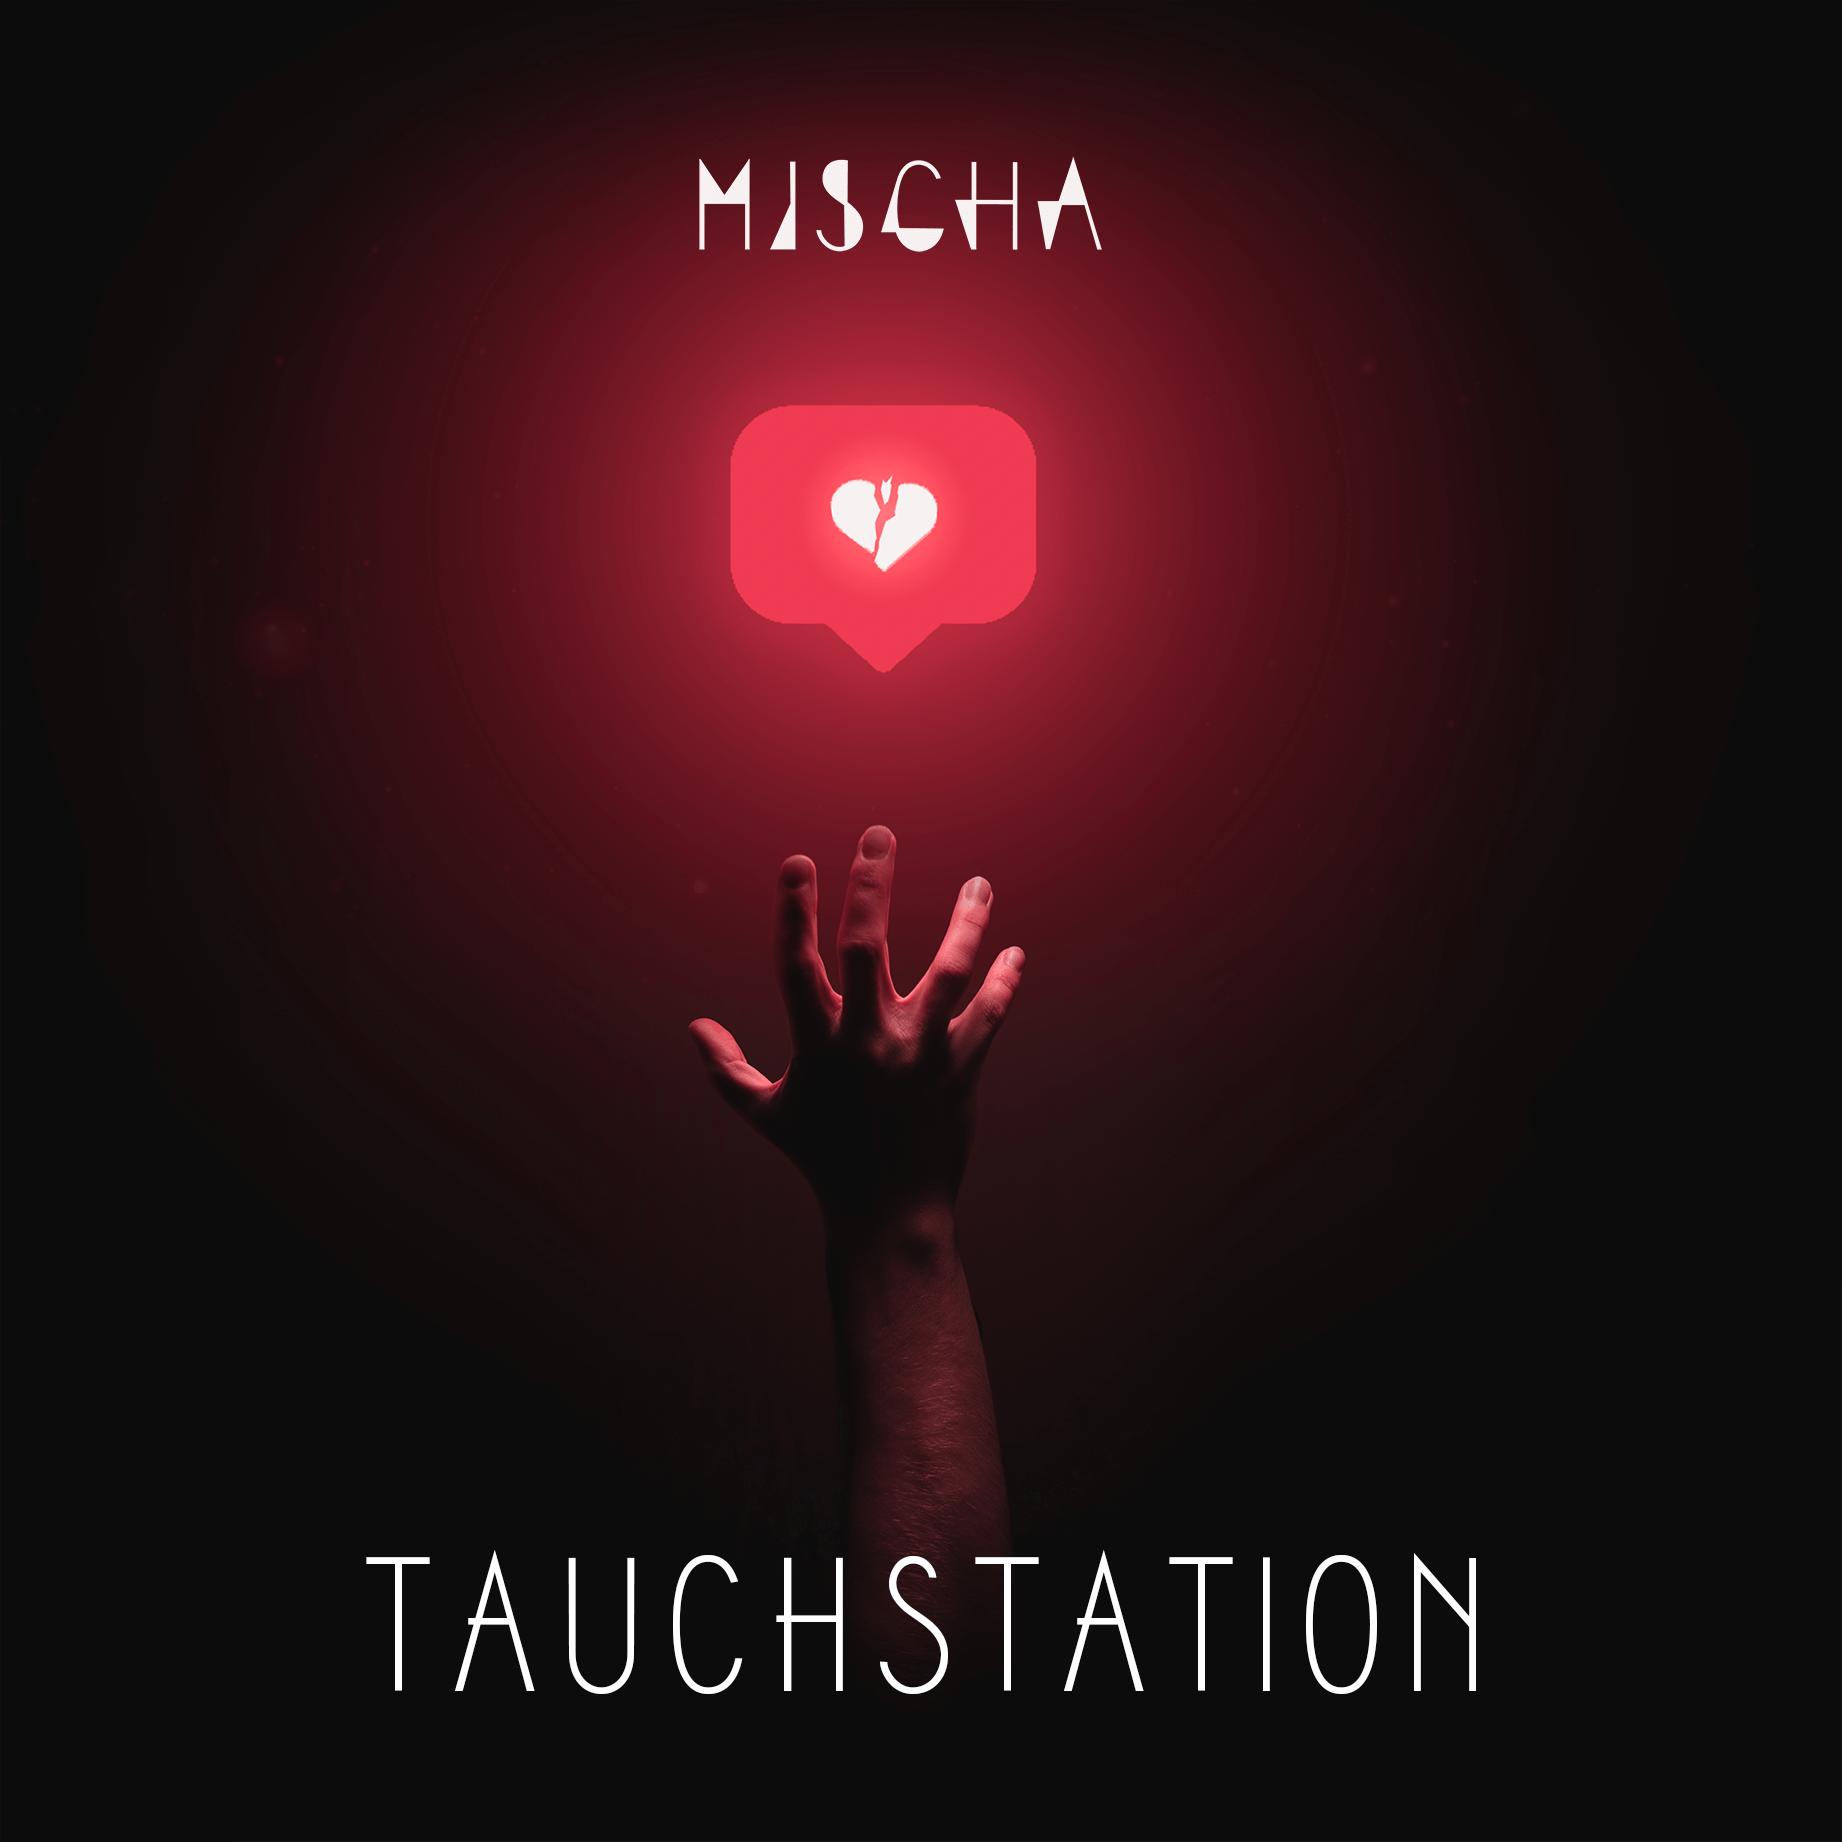 190927_MISCHA_Tauchstation_Cover_v8.1_1841px (1)